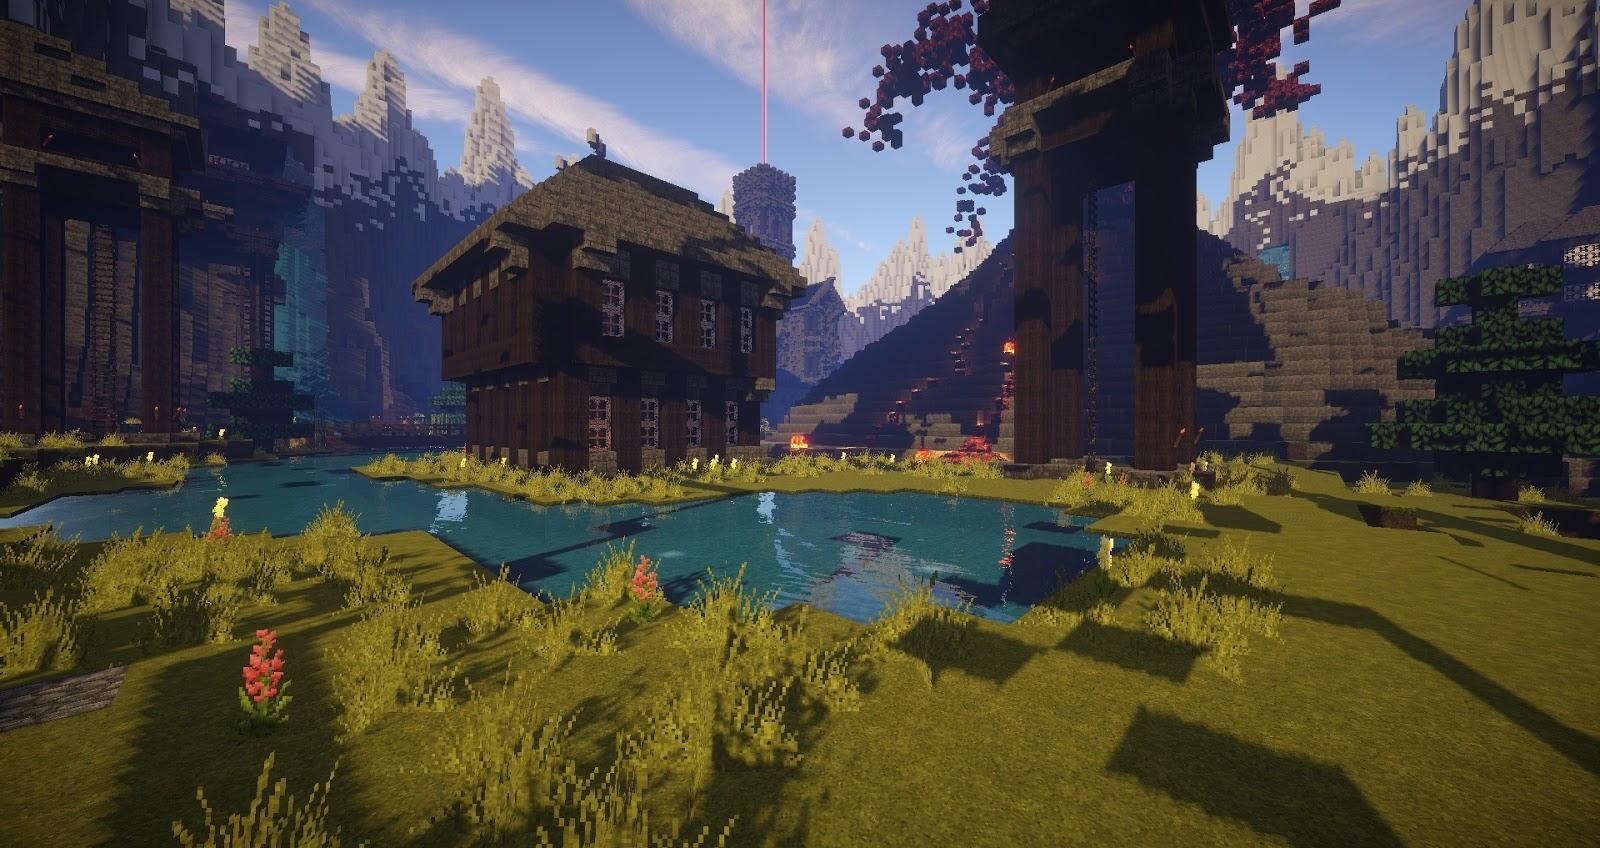 Minecraft Spielen Deutsch Minecraft Server Erstellen Fr Cracked Bild - Minecraft server erstellen hamachi cracked